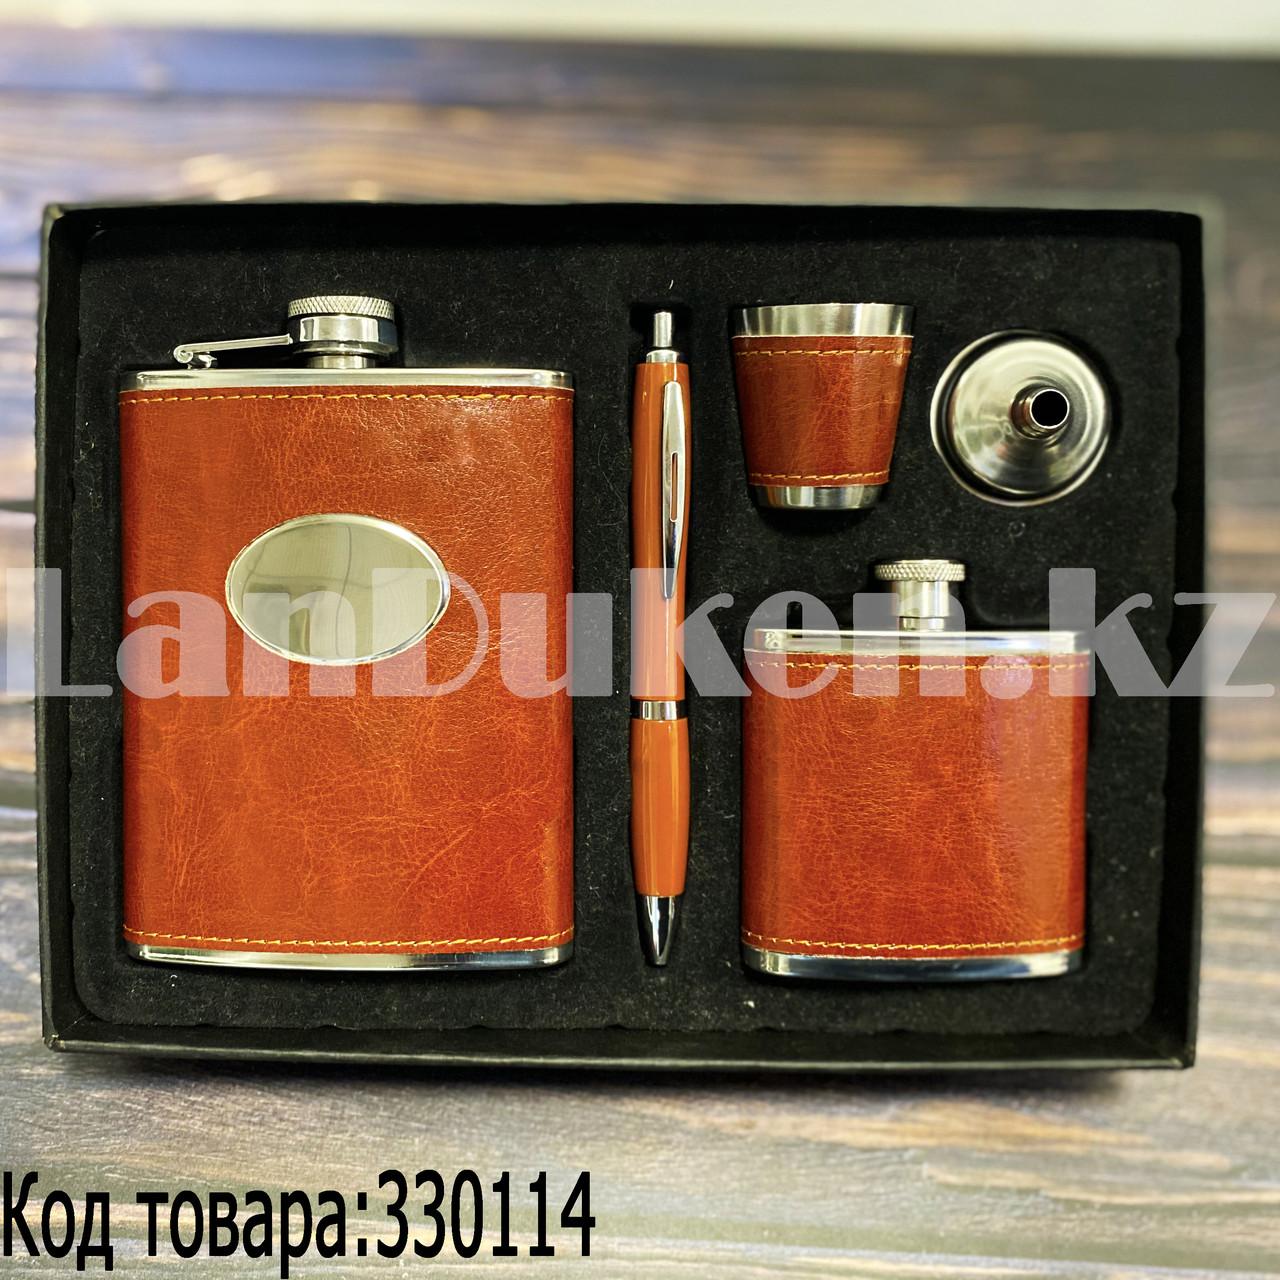 Мужской набор (фляга 250 мл фляга 100 мл рюмка воронка ручка) в подарочной коробке - фото 1